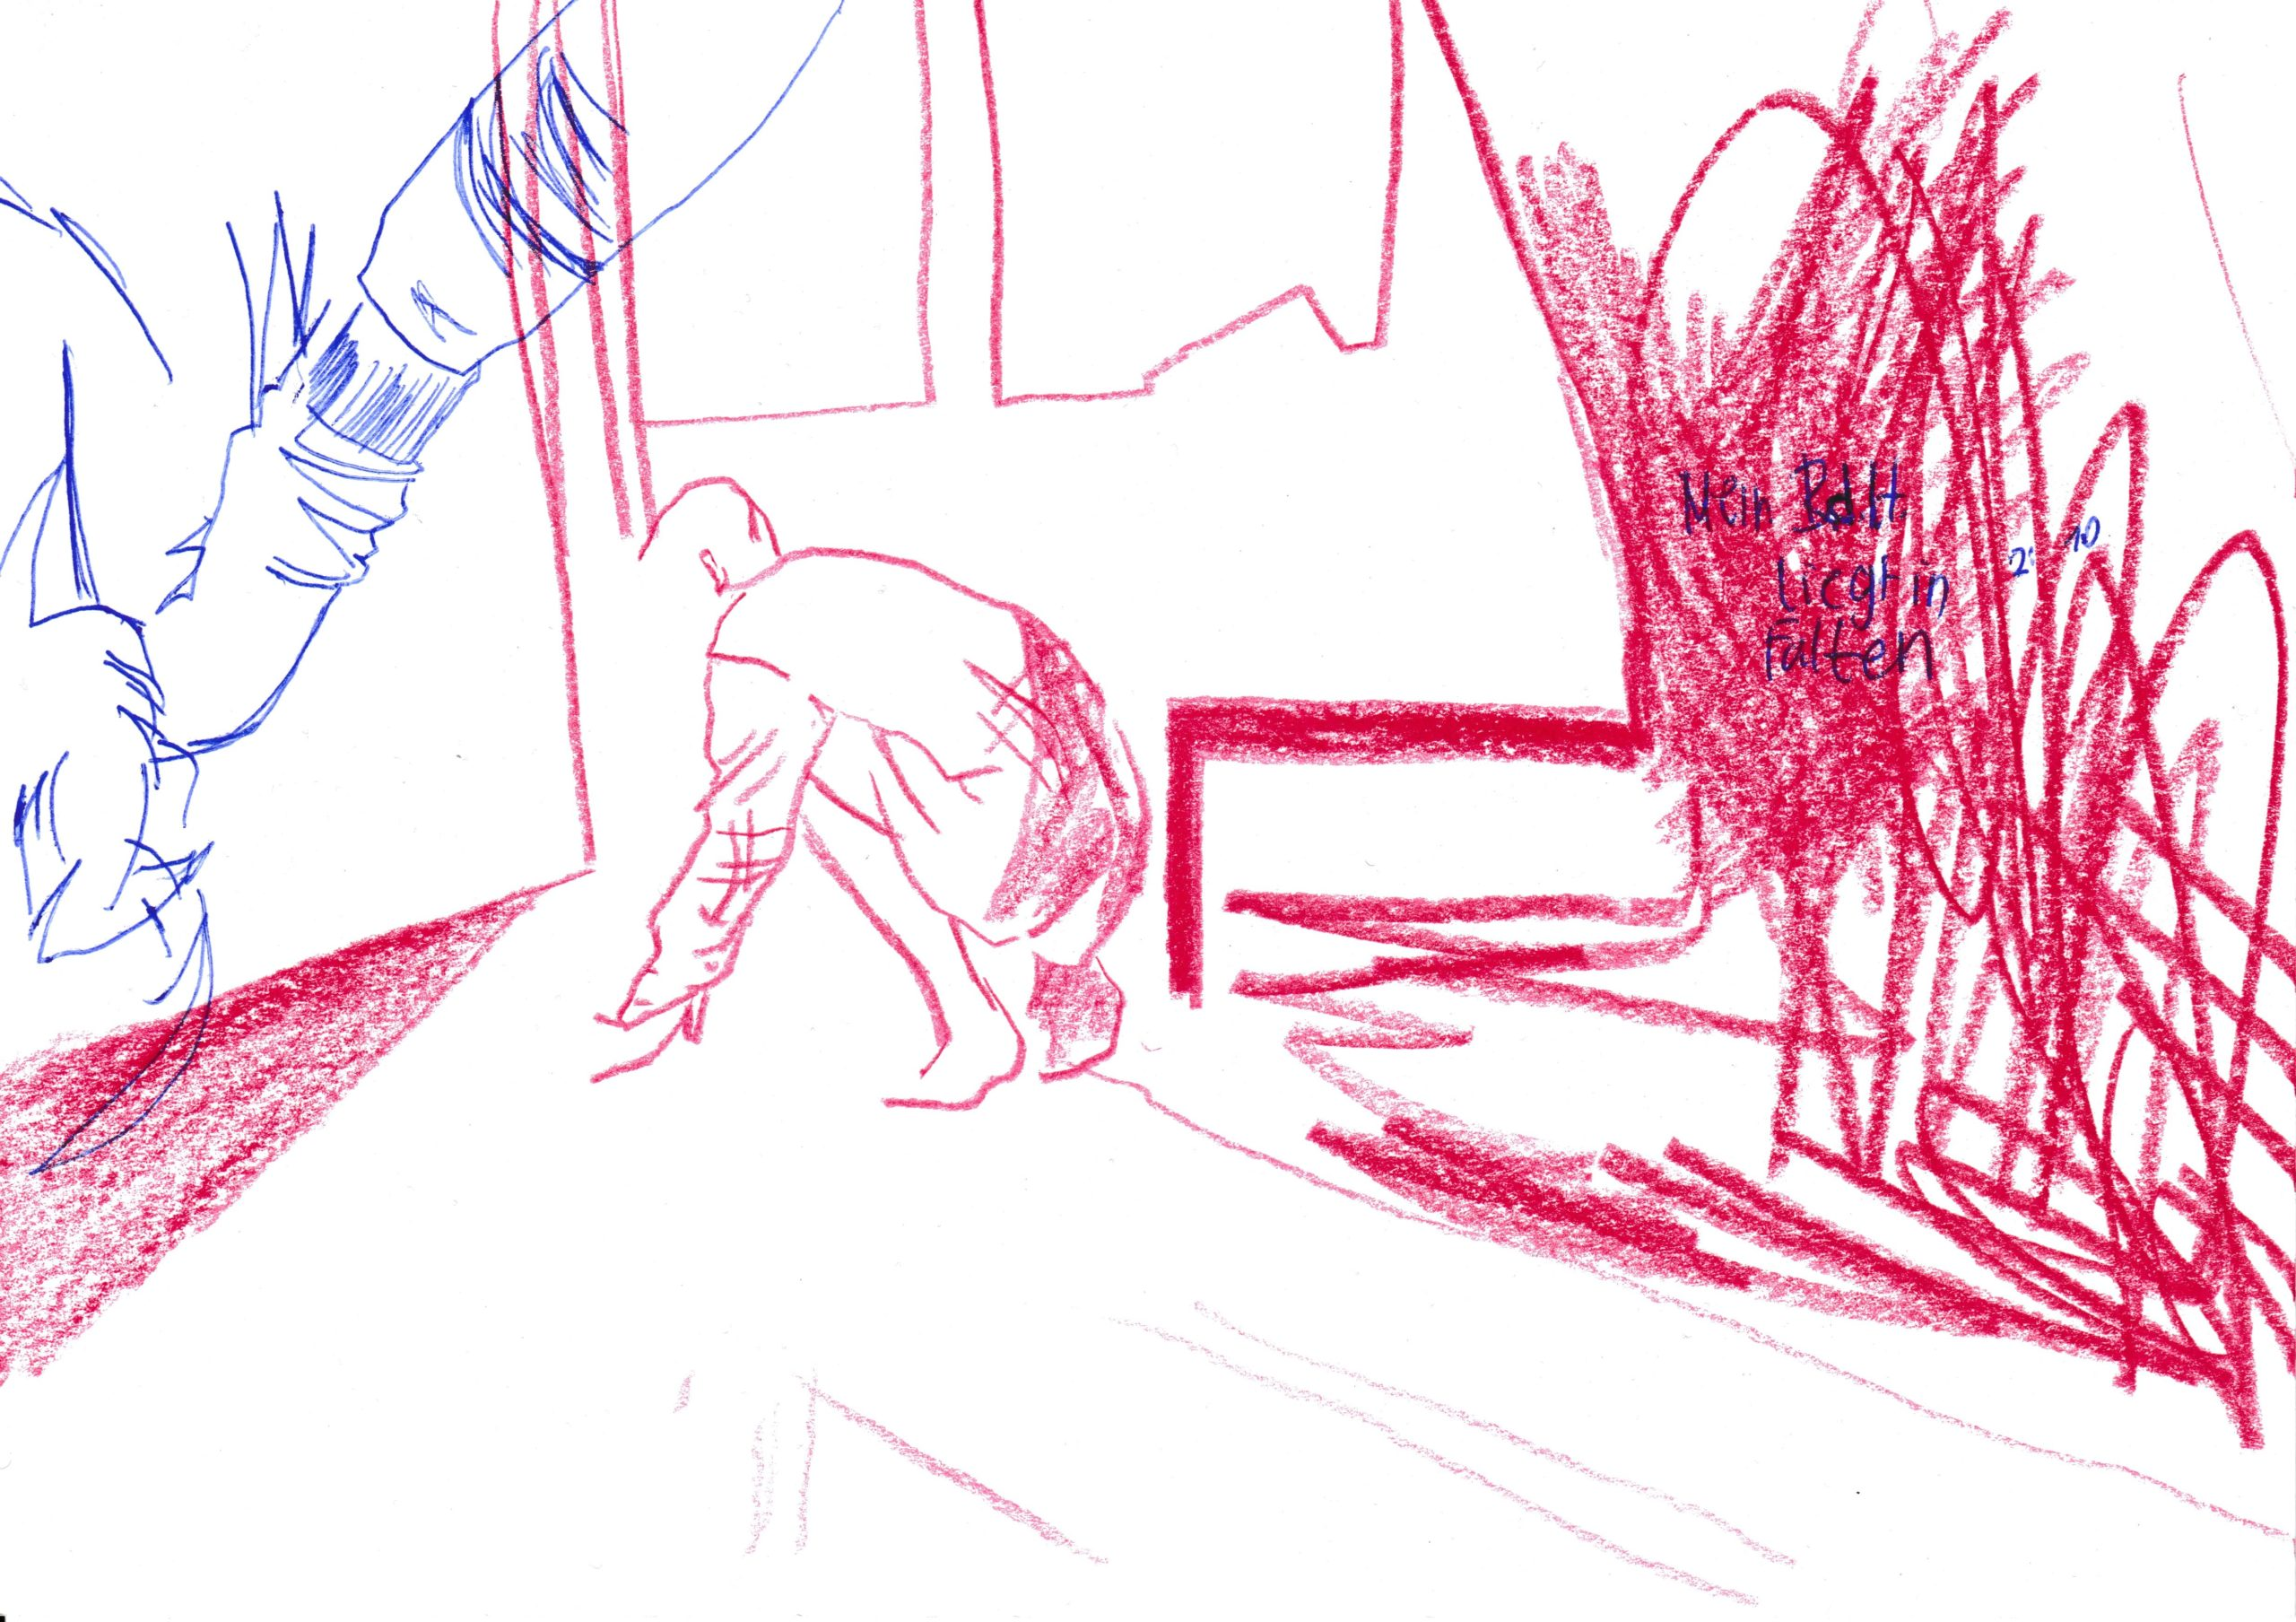 BdH, Farbstift (Polychromo) und Kugelschreiber auf Papier, DIN A5, 2020 by Melissa Hermann